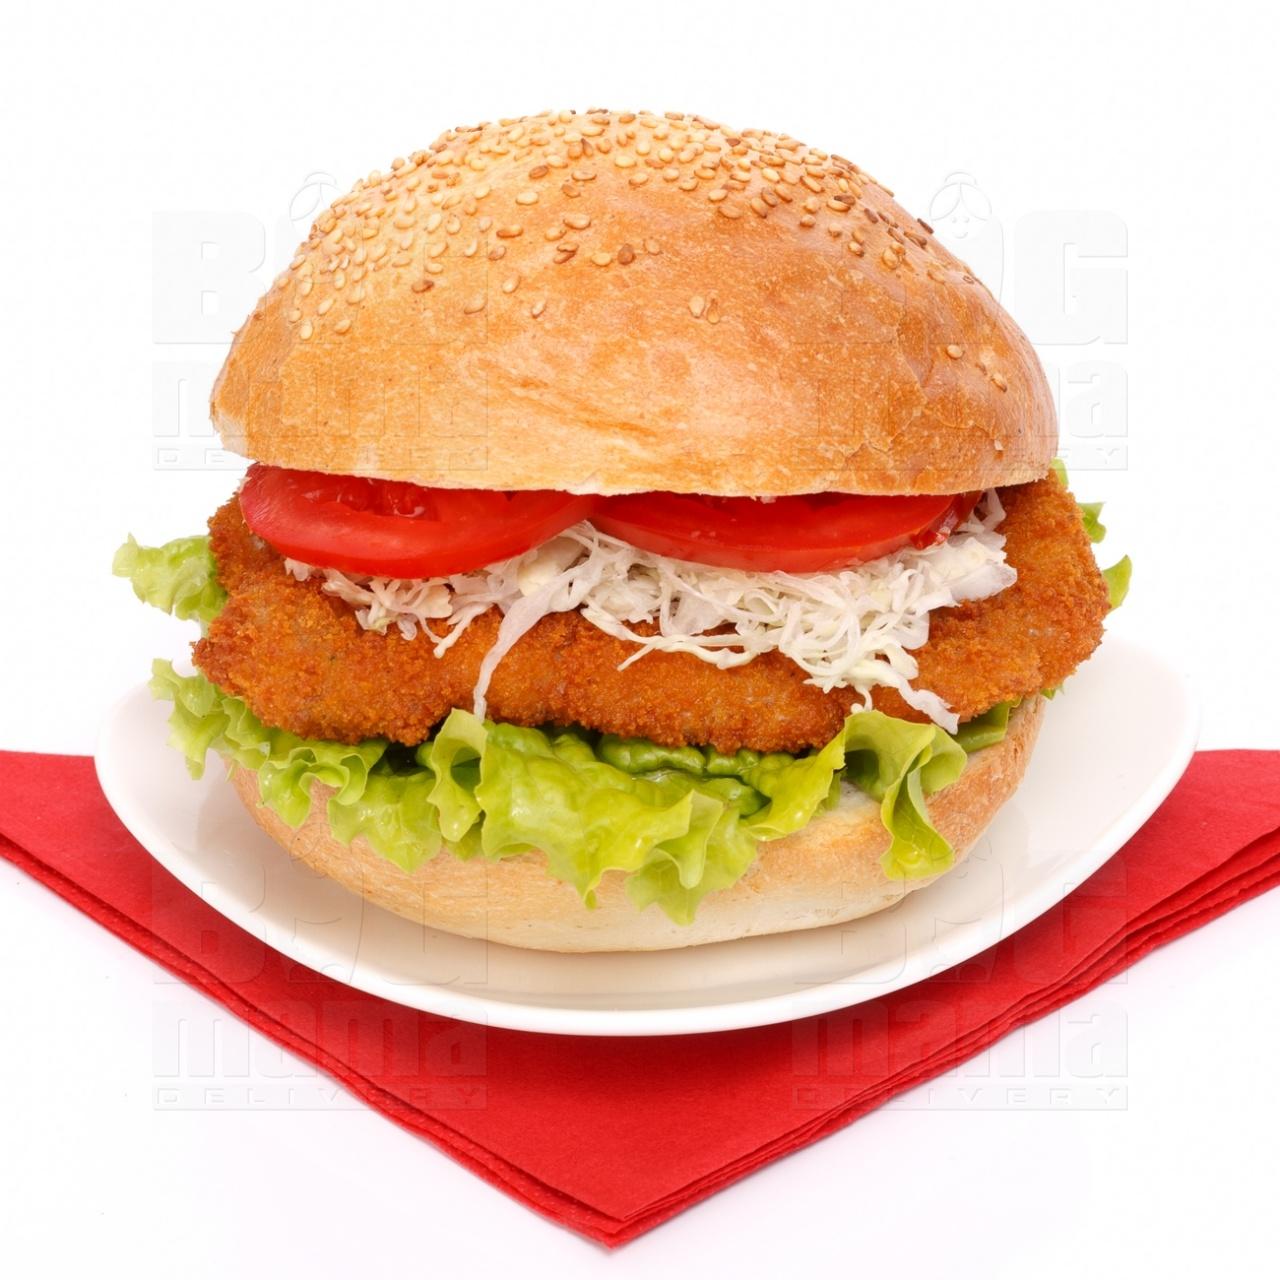 Product #58 image - Sandviş mare cu şniţel de porc